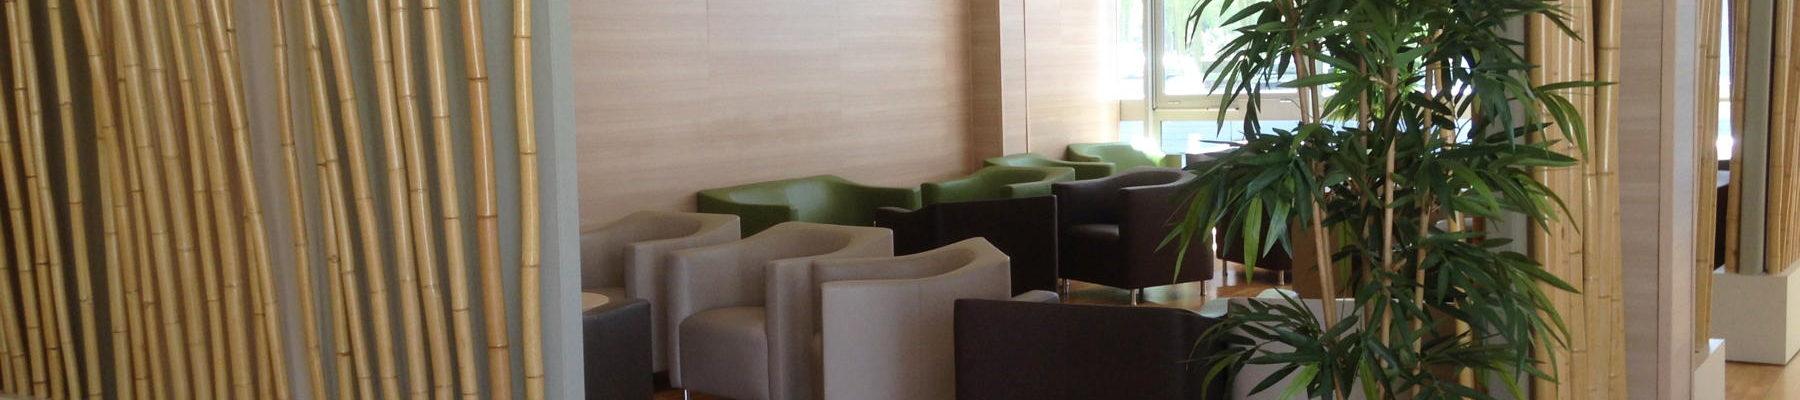 salle détente bamboo